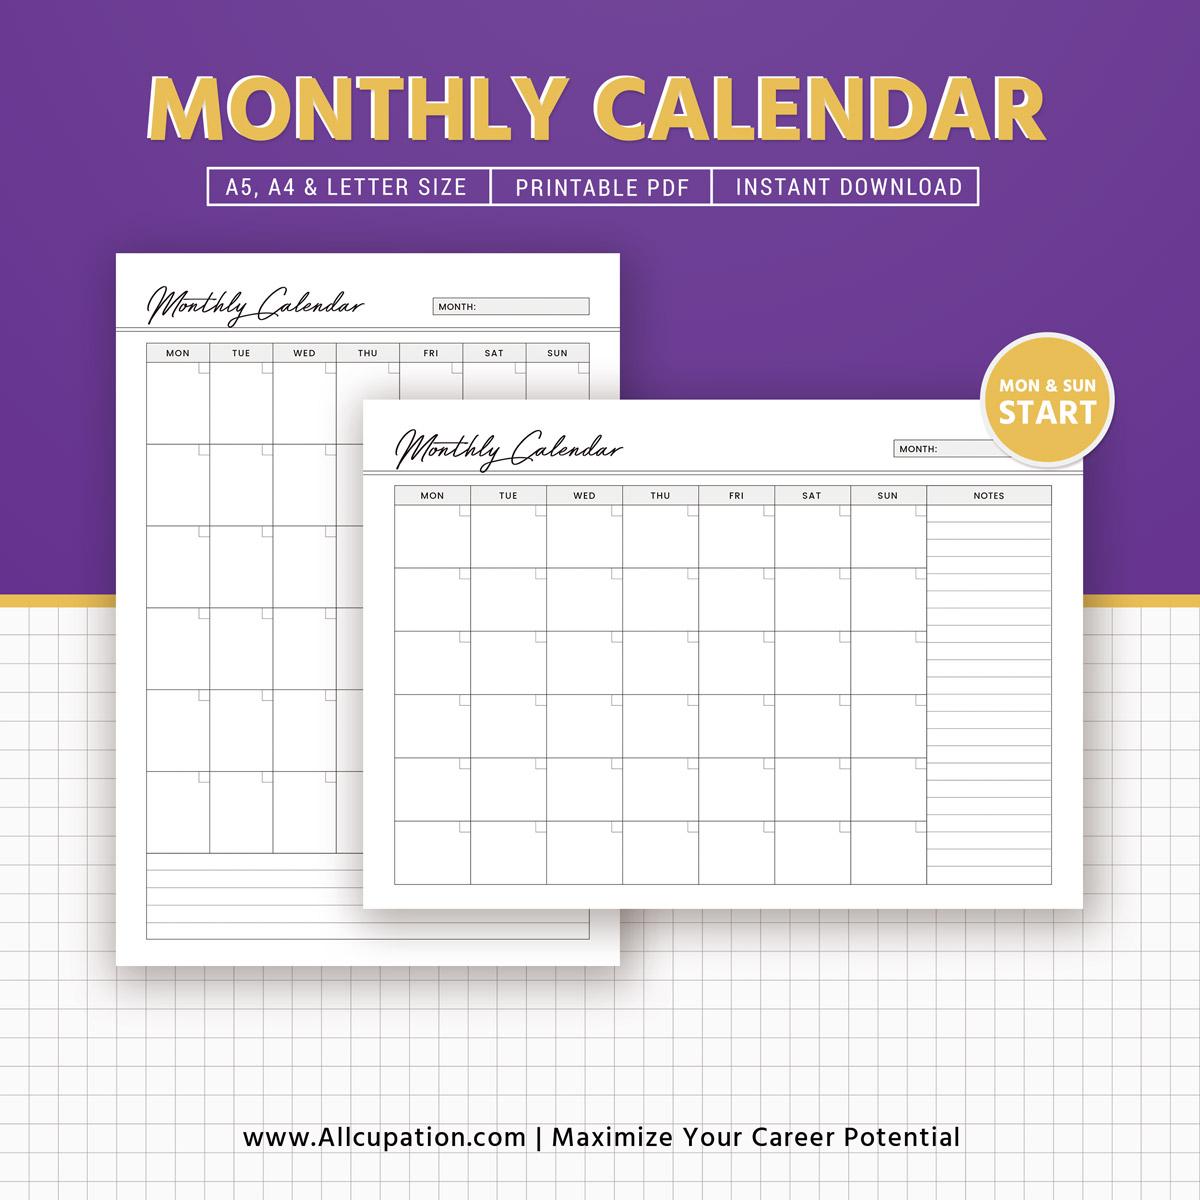 Monthly Calendar 2019 Calendar A5 Planner Inserts A4 Letter